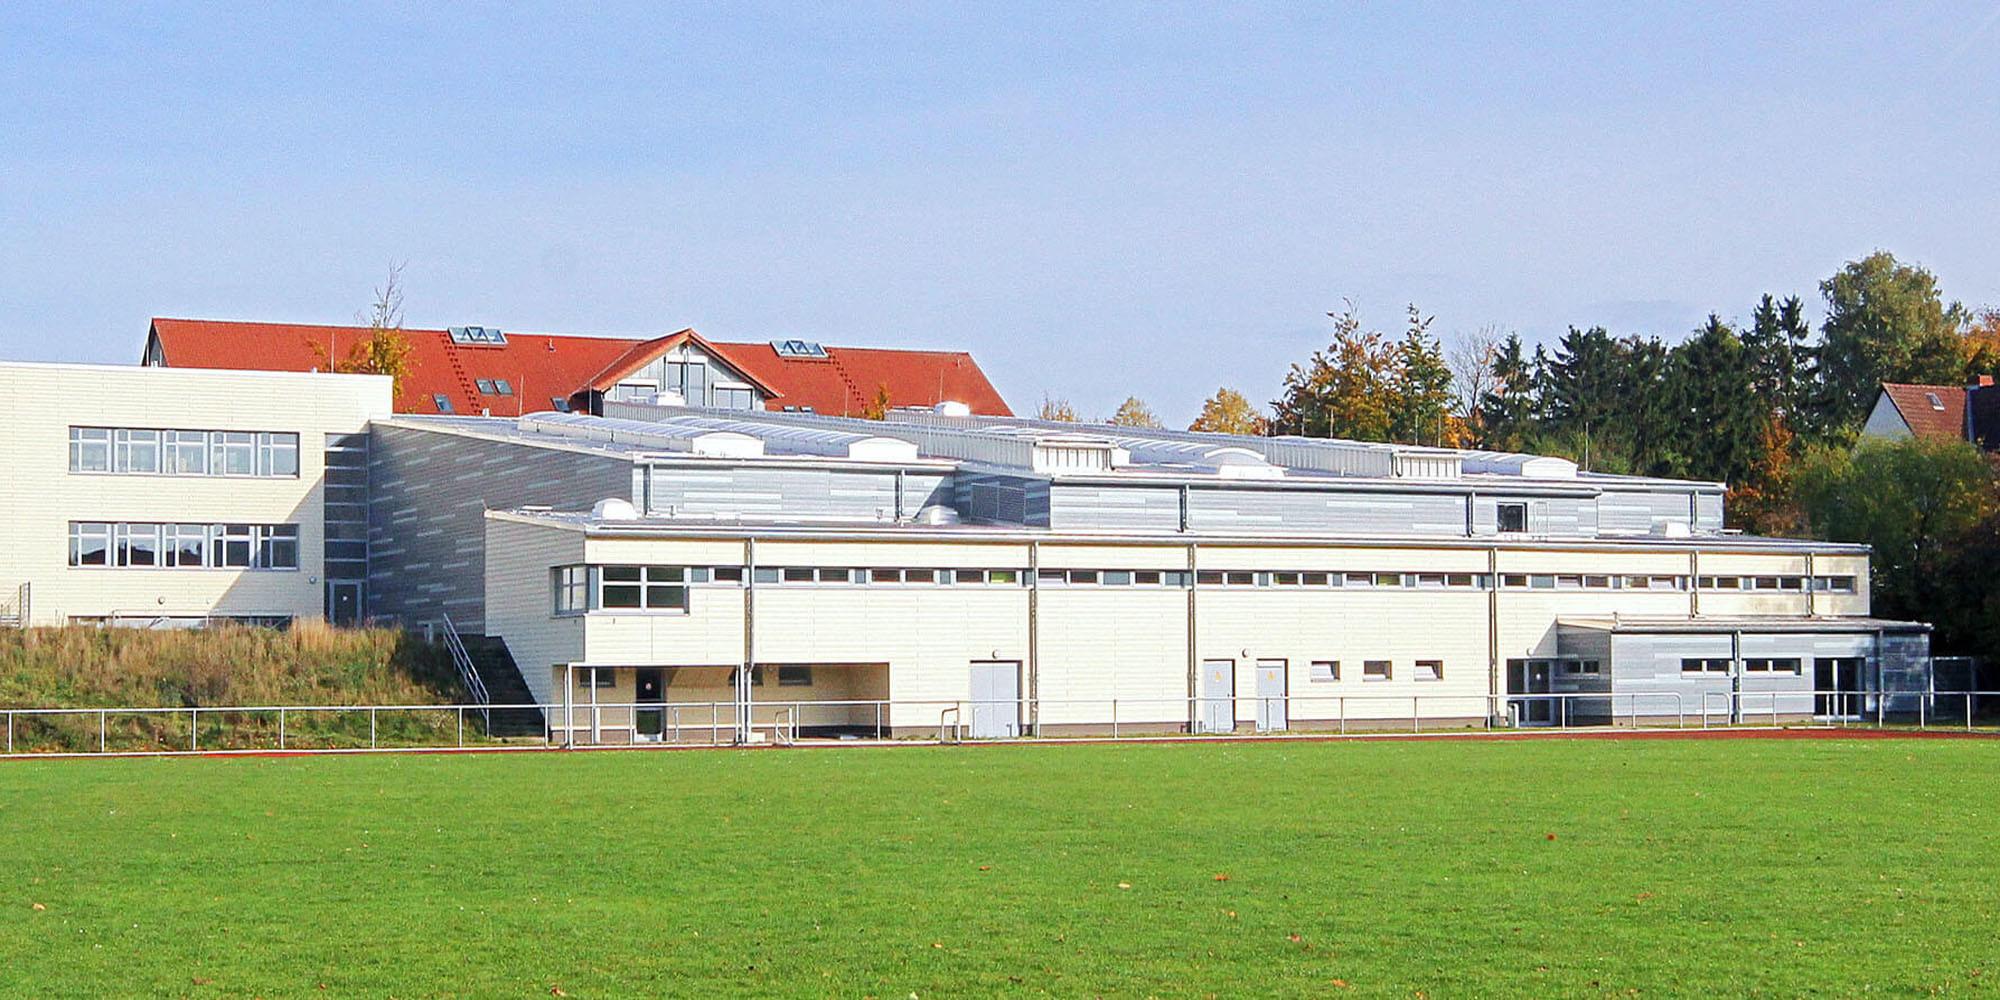 Aller-Weser-Halle